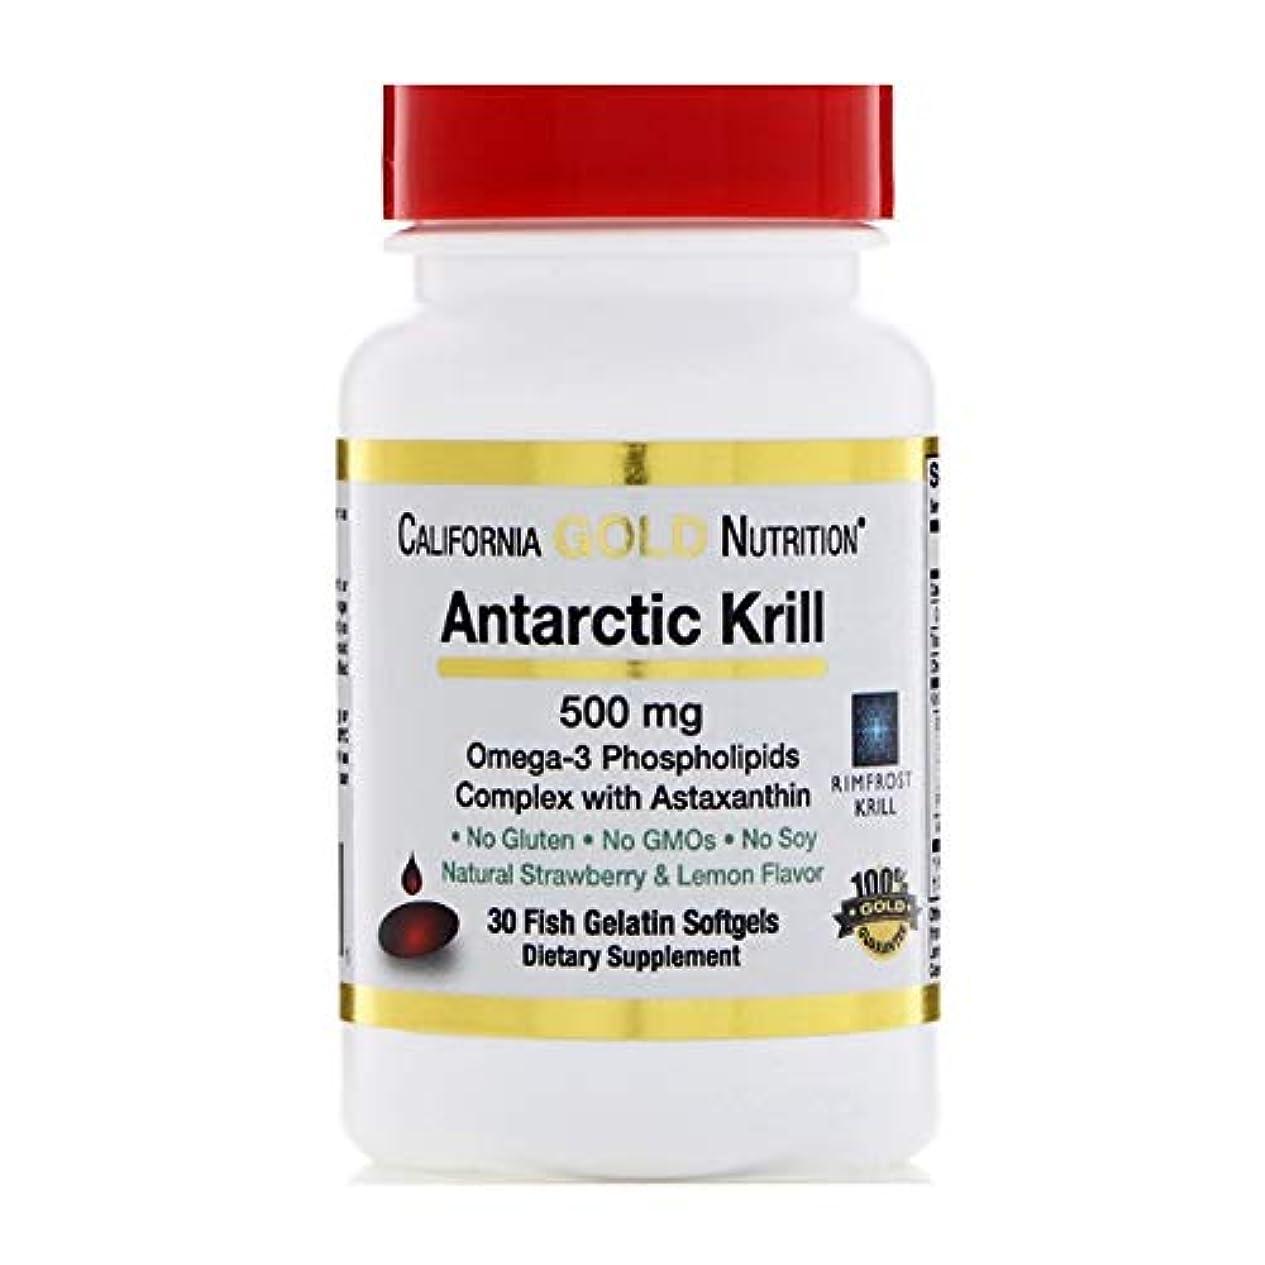 コロニー毛皮ハッチCalifornia Gold Nutrition Antarctic Krill Oil アスタキサンチン配合 RIMFROST 天然イチゴ レモン味 500 mg フィッシュゼラチンソフトジェル 30粒 【アメリカ直送】